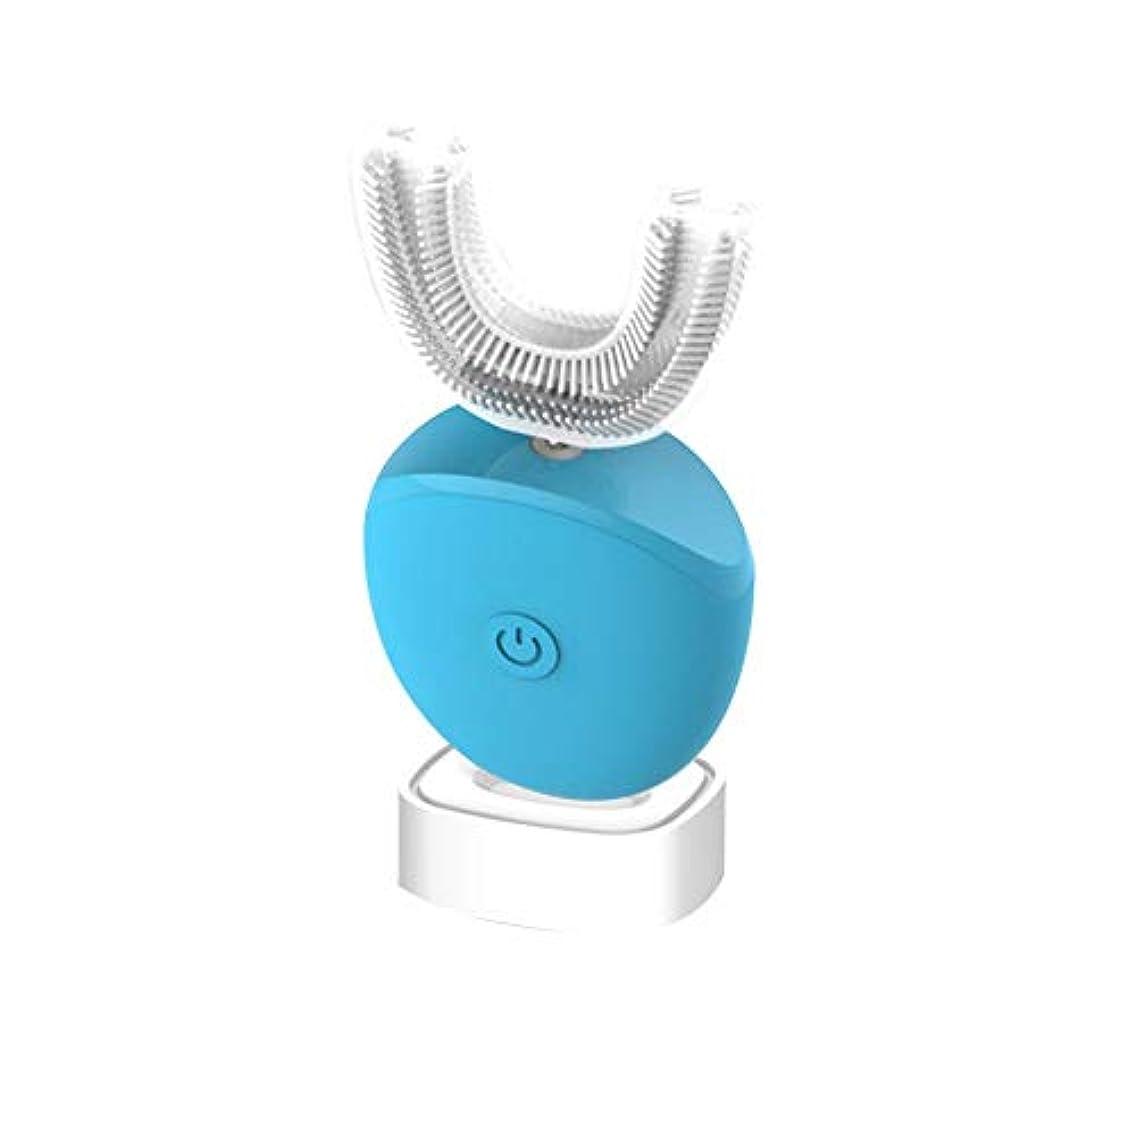 ウォルターカニンガム元気ブリークフルオートマチック可変周波数電動歯ブラシ、自動360度U字型電動歯ブラシ、ワイヤレス充電IPX7防水自動歯ブラシ(大人用),Blue